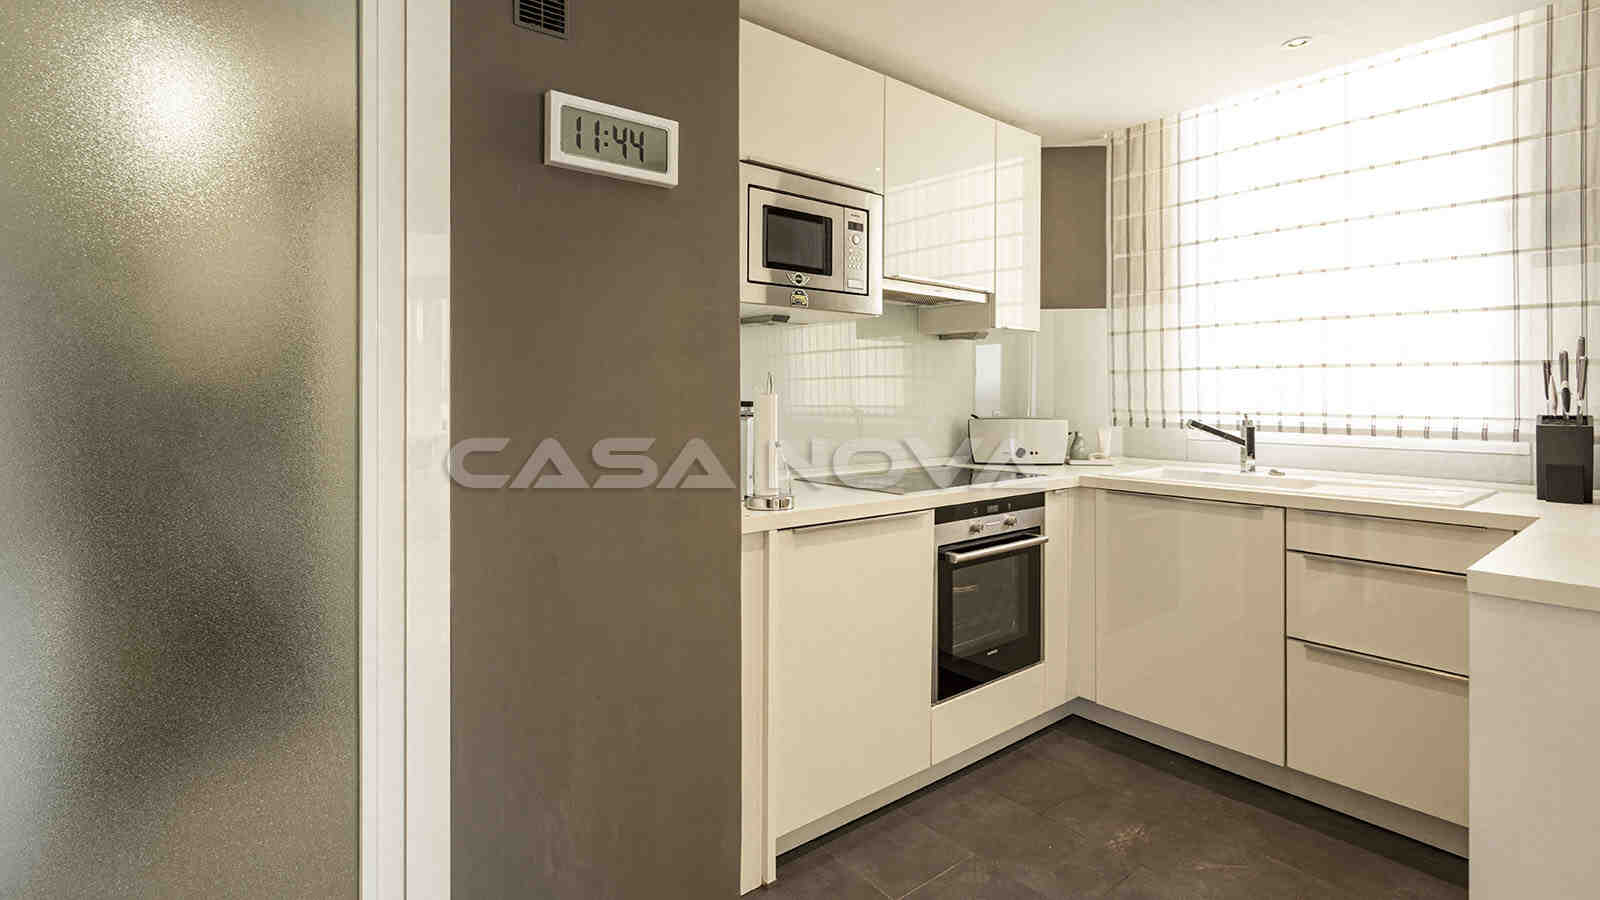 Separate Einbauküche mit Elektrogeräten